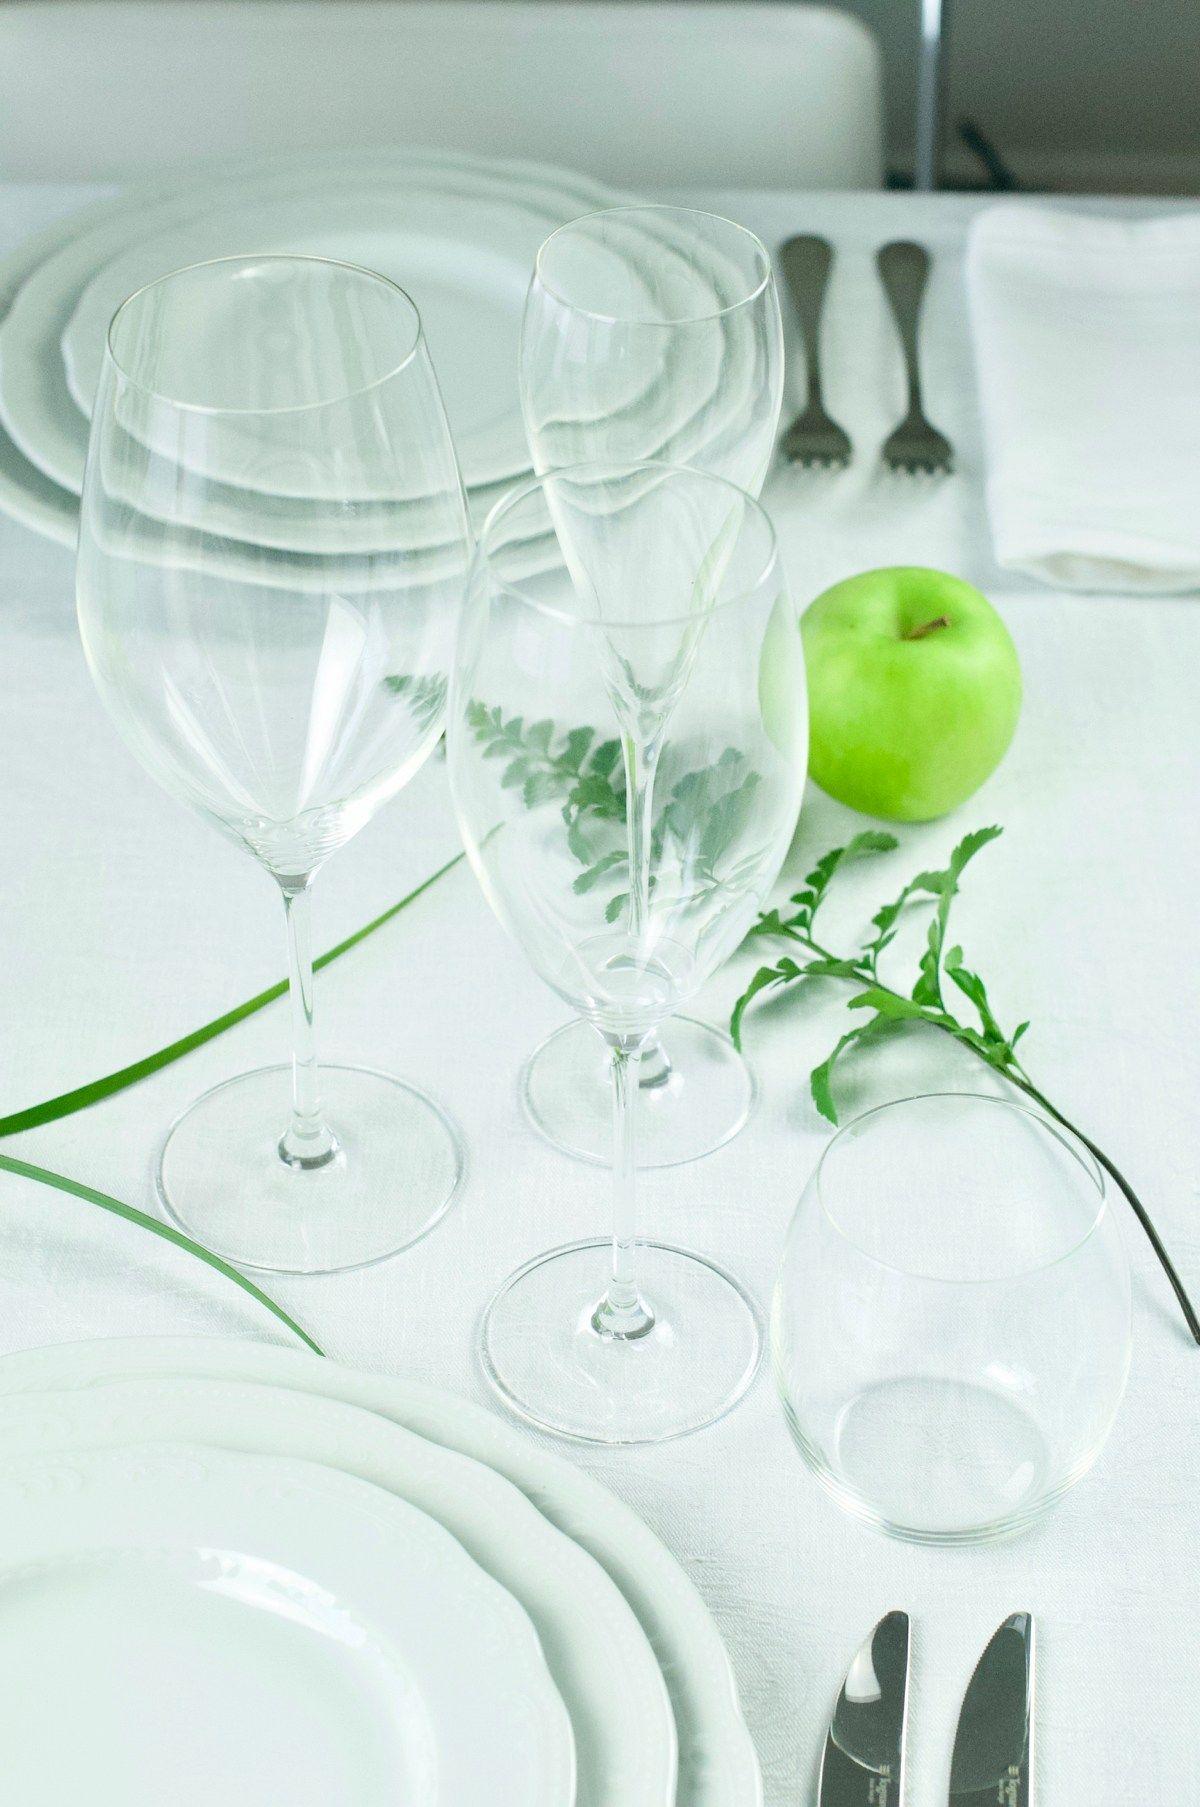 Posizione Bicchieri A Tavola.Piatti Bicchieri Posate E Segnaposto Una Guida Esaustiva